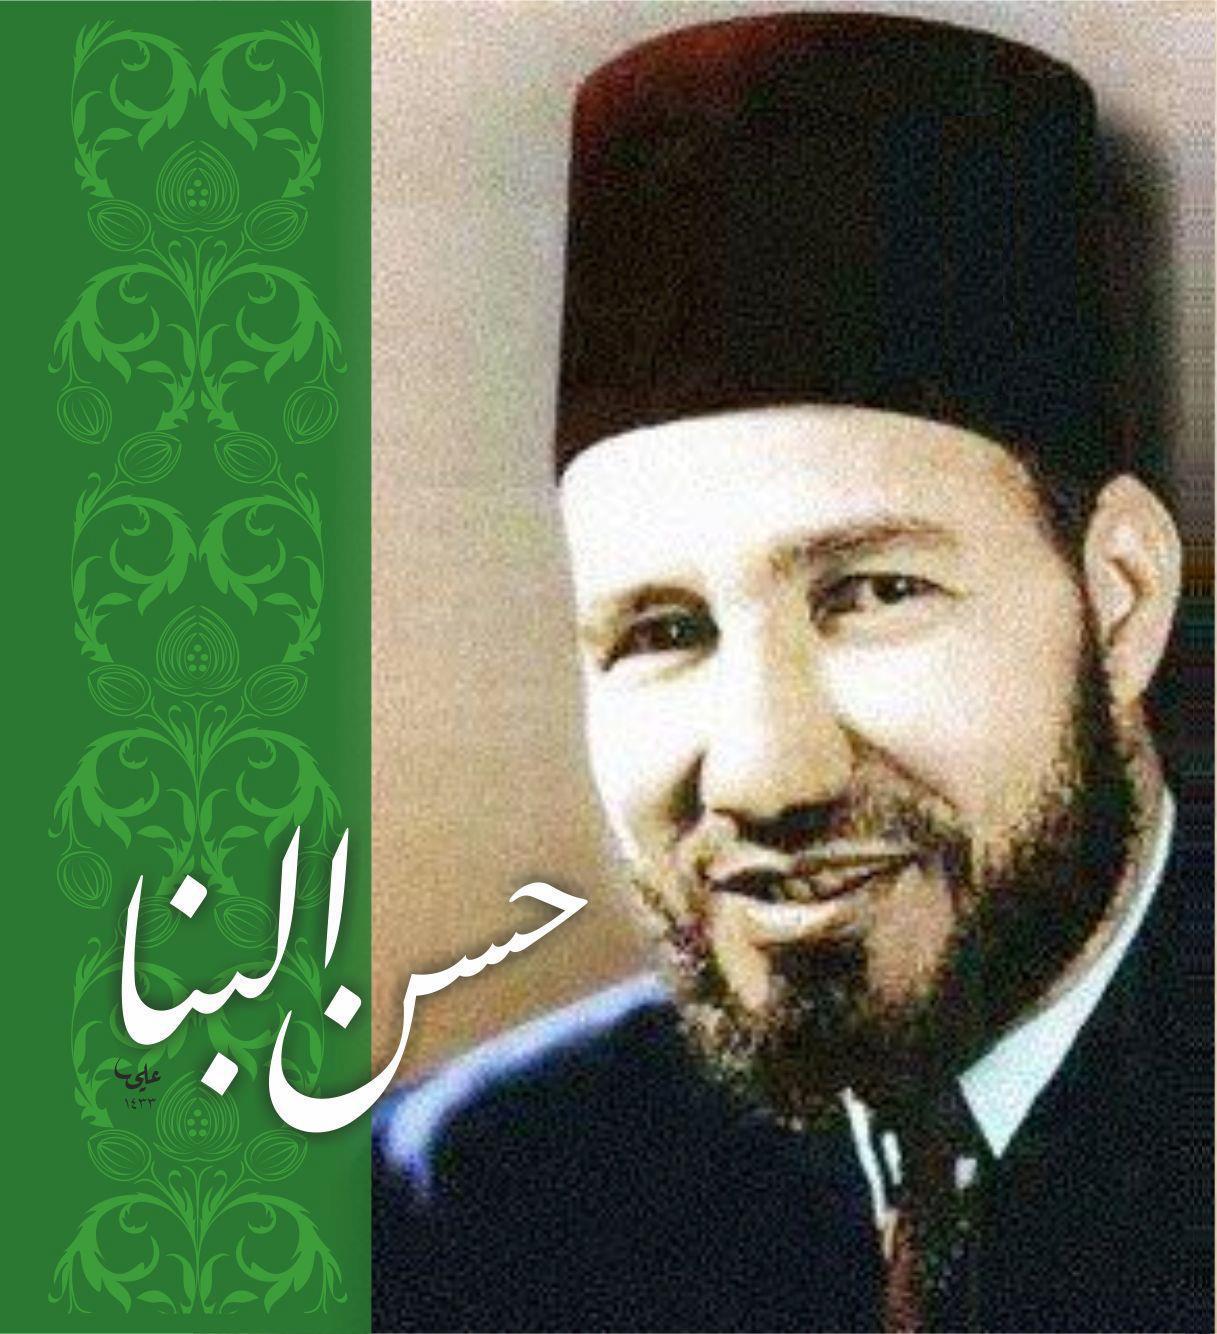 «رغم وفاة البنا إلا أن يداه ما زالت تلوح بالدماء» طريقة تحول الإخوان من الدعوة للسياسة والإرهاب (تقرير)